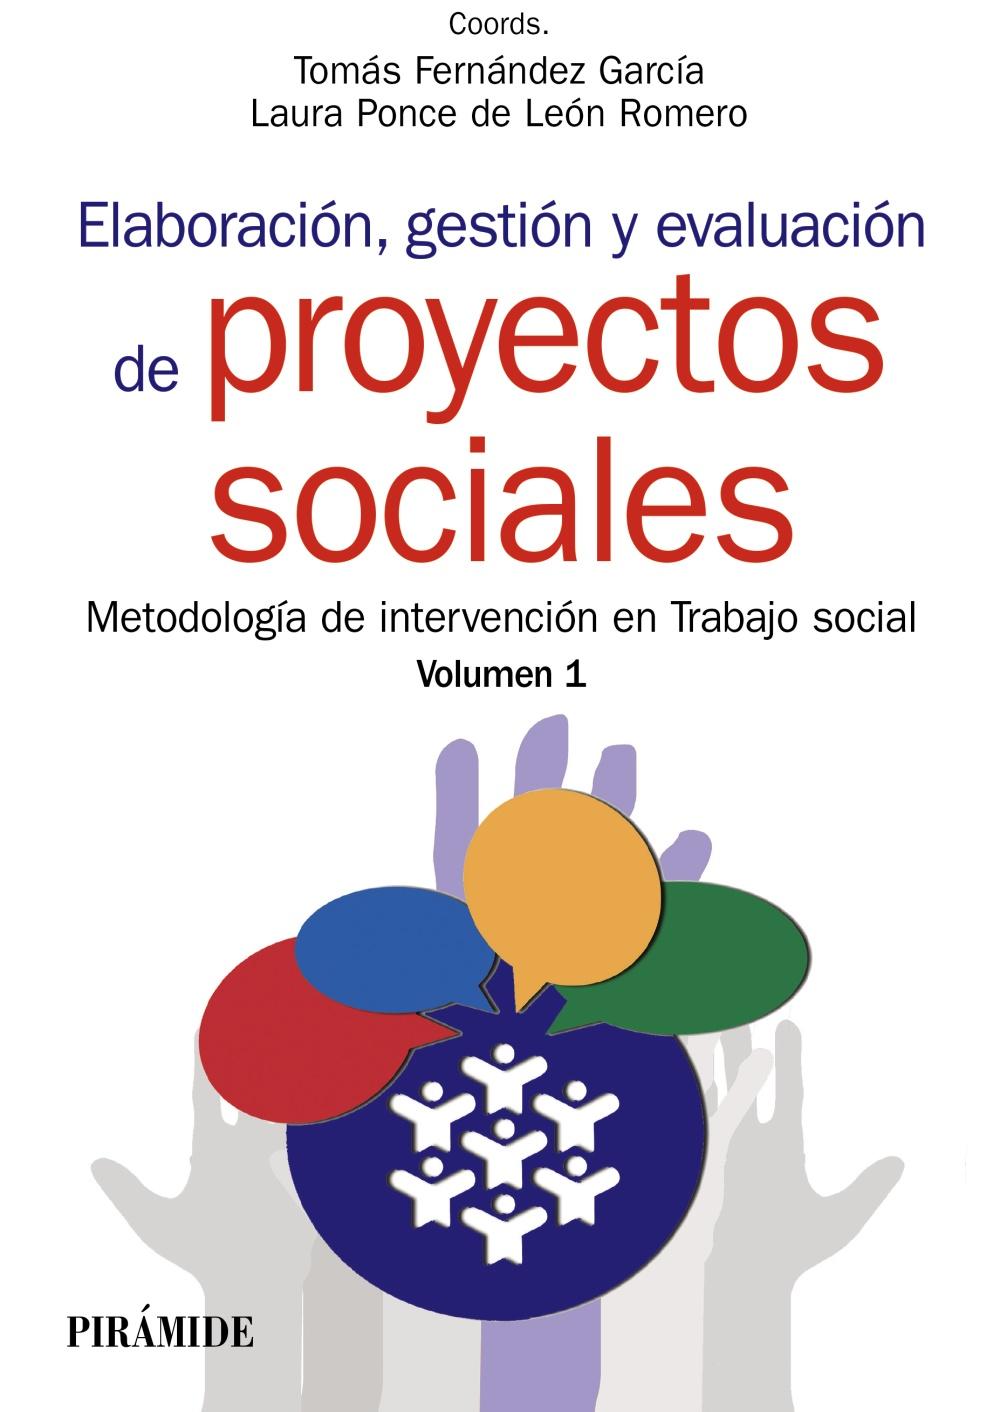 Elaboración, gestión y evaluación de proyectos sociales (ebook)